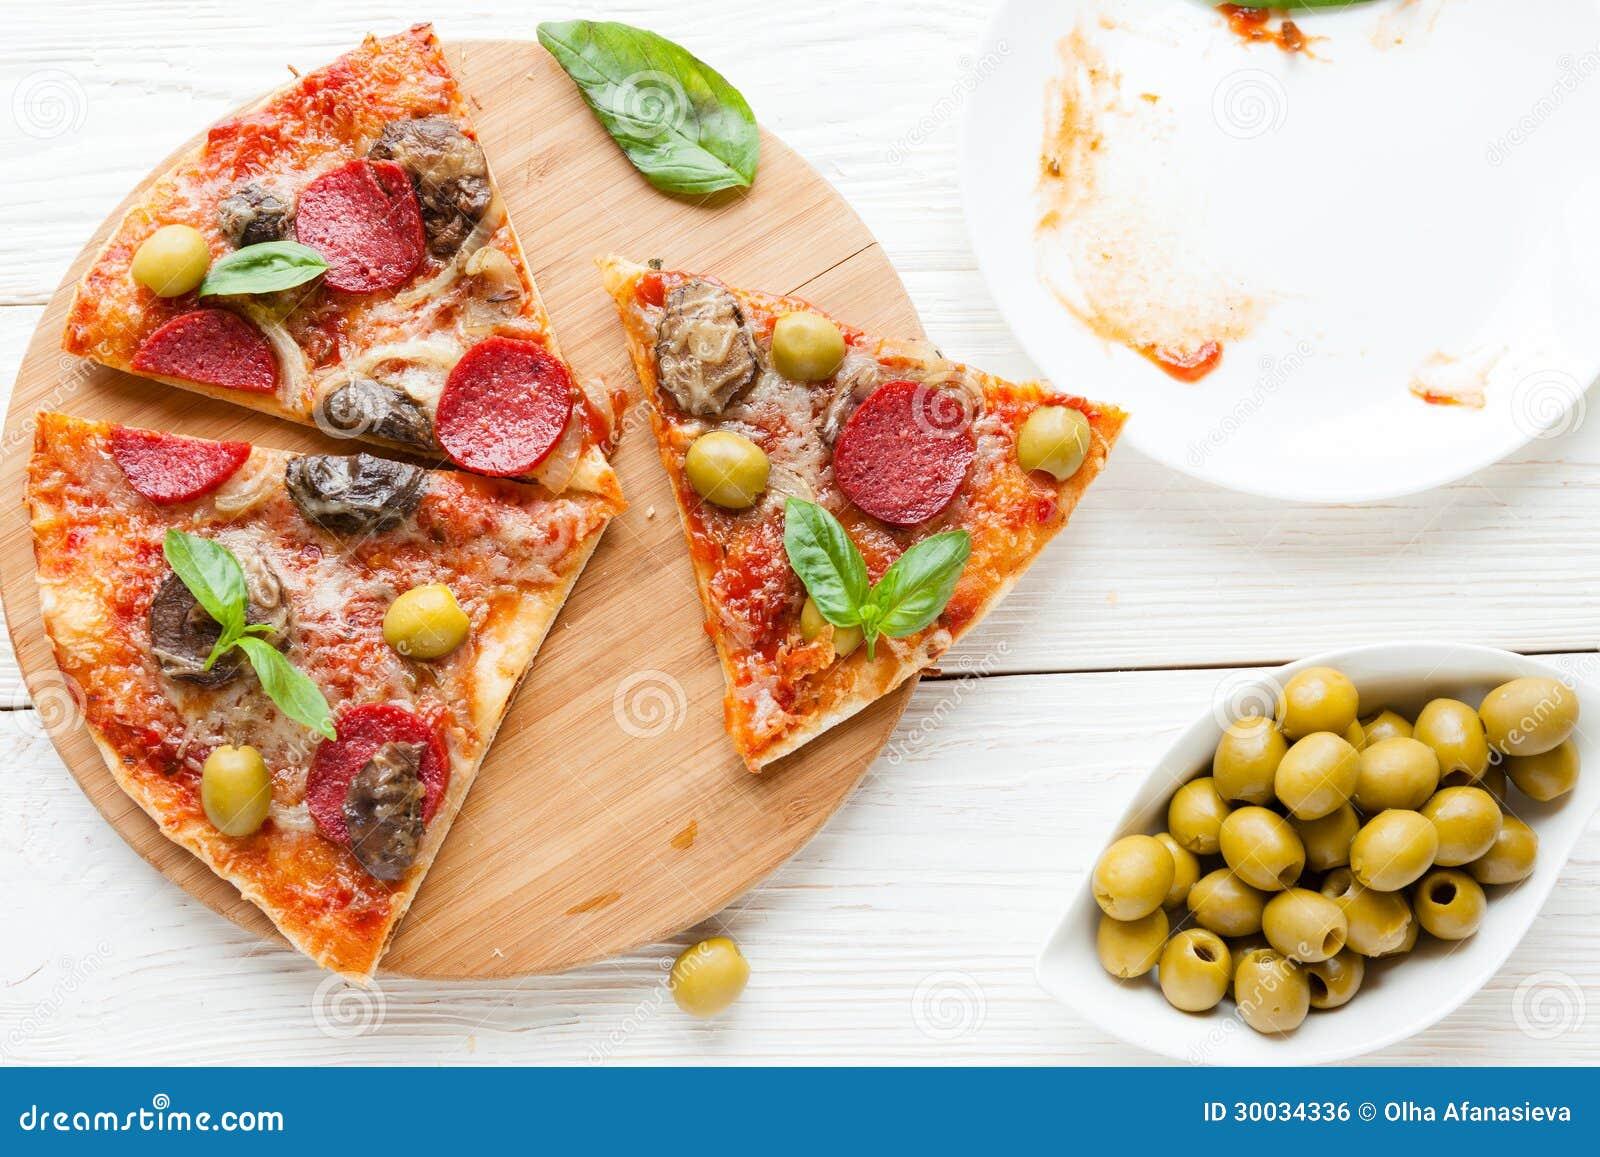 Rebanadas de pizza y de un plato vac o imagen de archivo for Platos de pizza